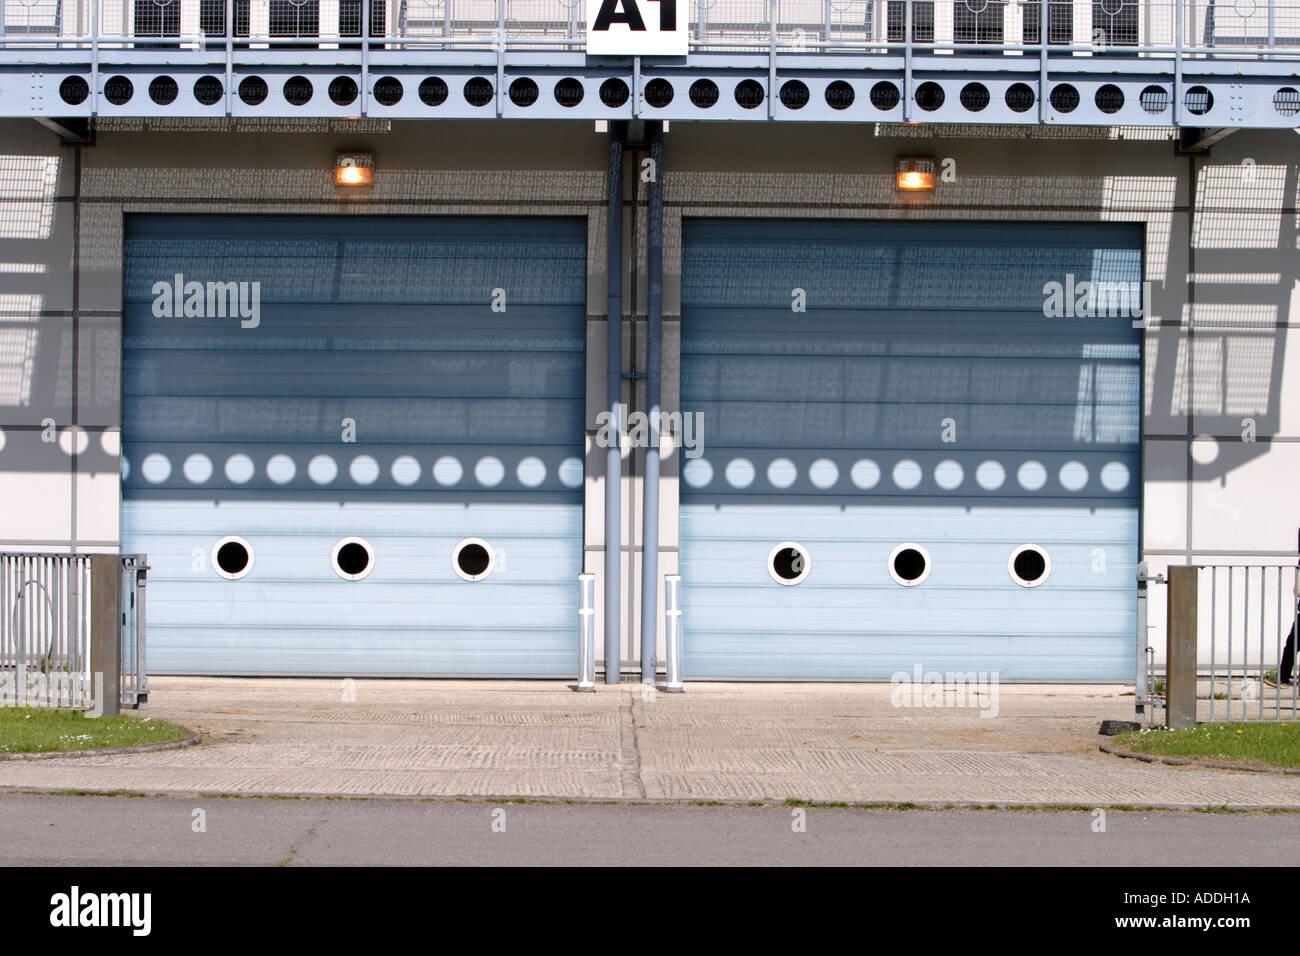 Aircraft hangar doors Stock Photo, Royalty Free Image: 4369689 - Alamy